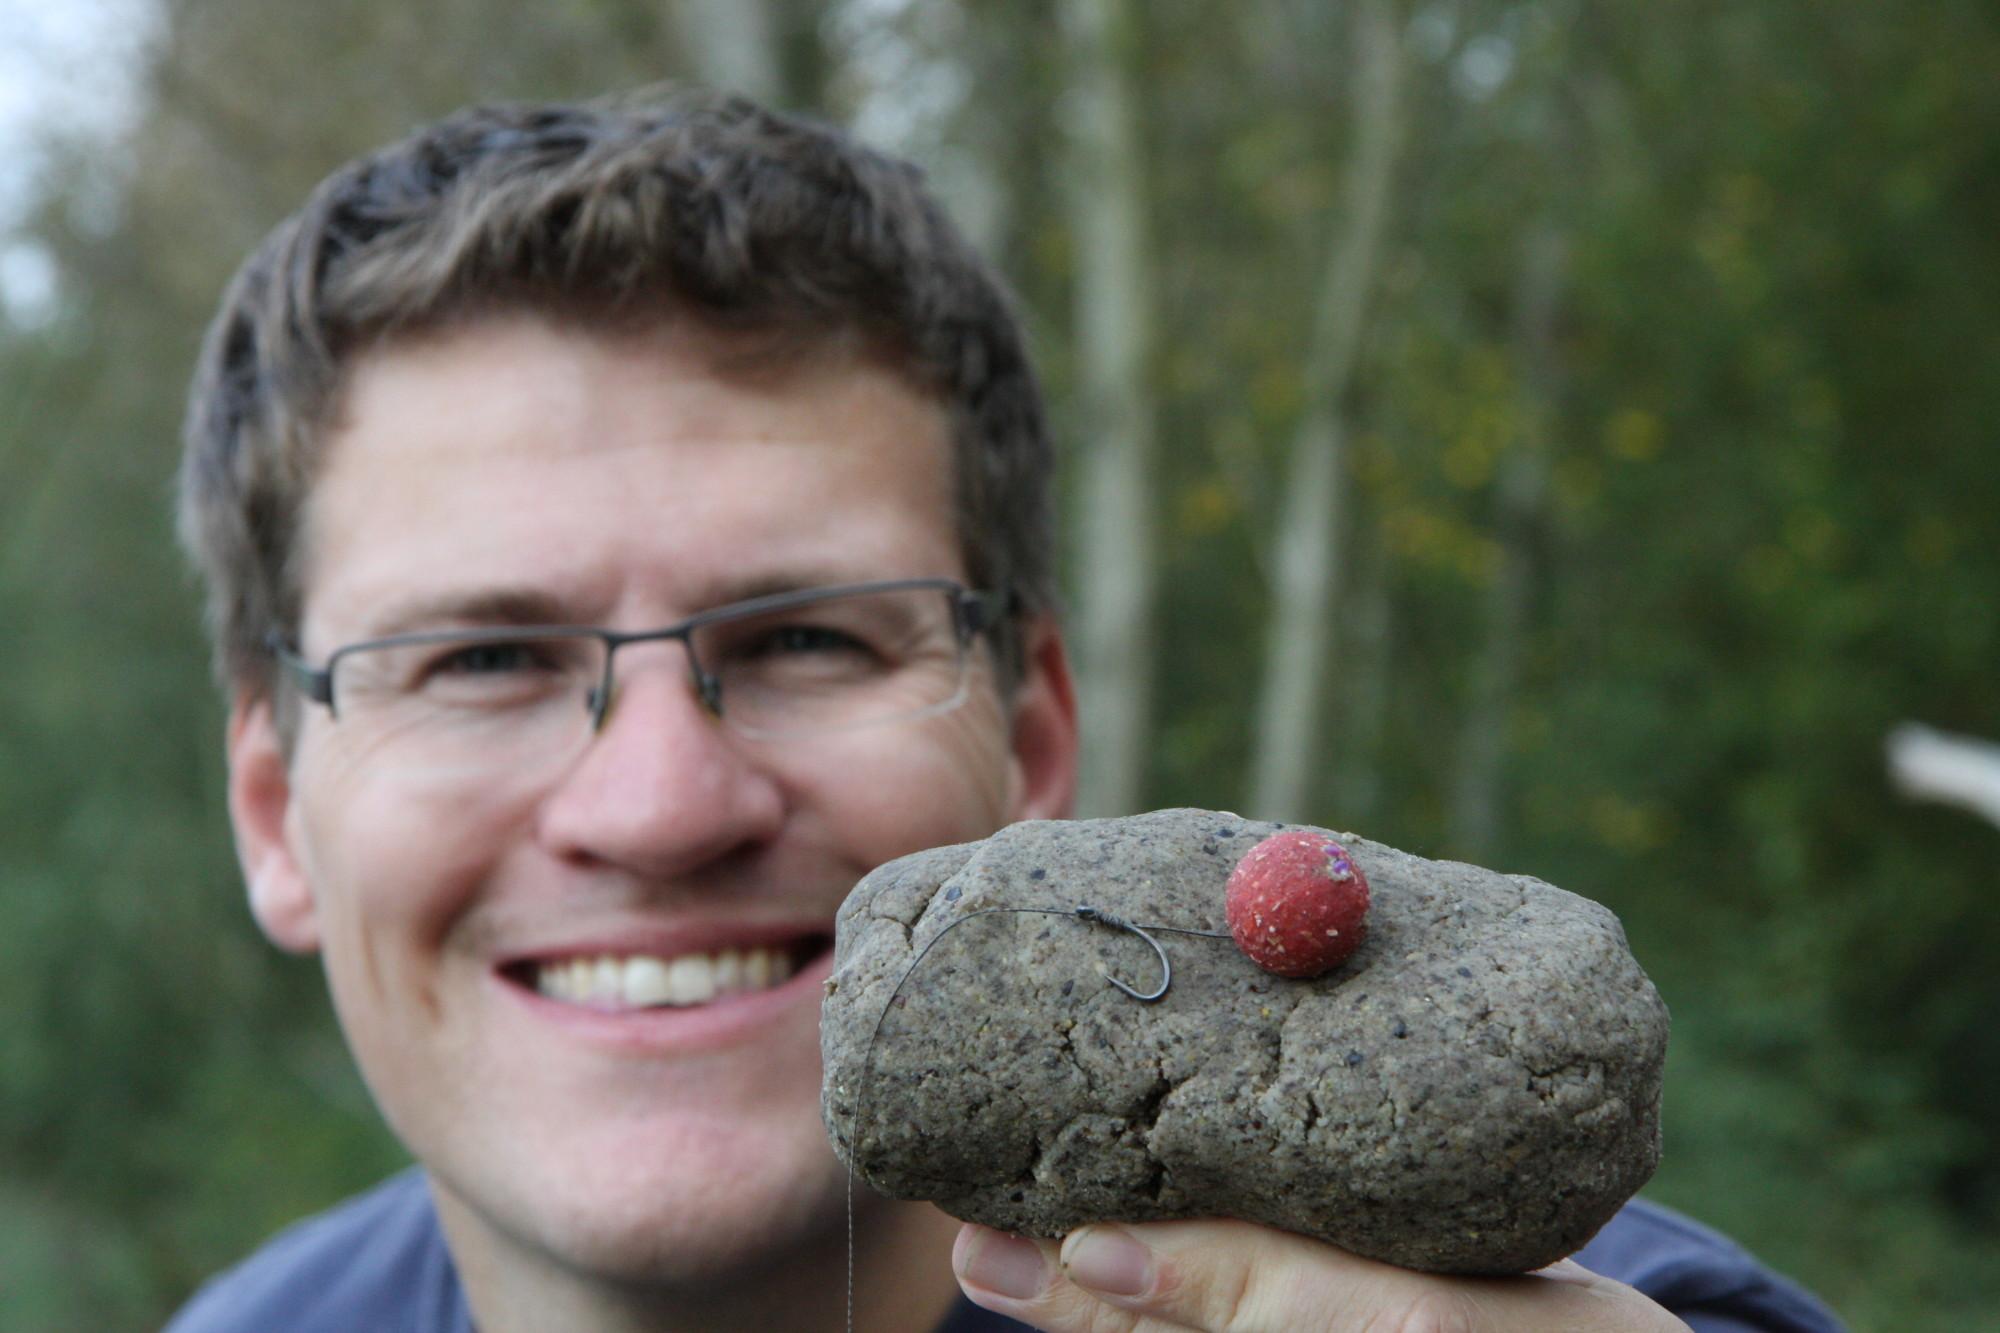 Karpfenangeln mit Teig und Boilie: Gregor Bradler kombiniert Paste und Kugel zu einem hoch attraktiven Karpfenköder. Foto: Gregor Bradler